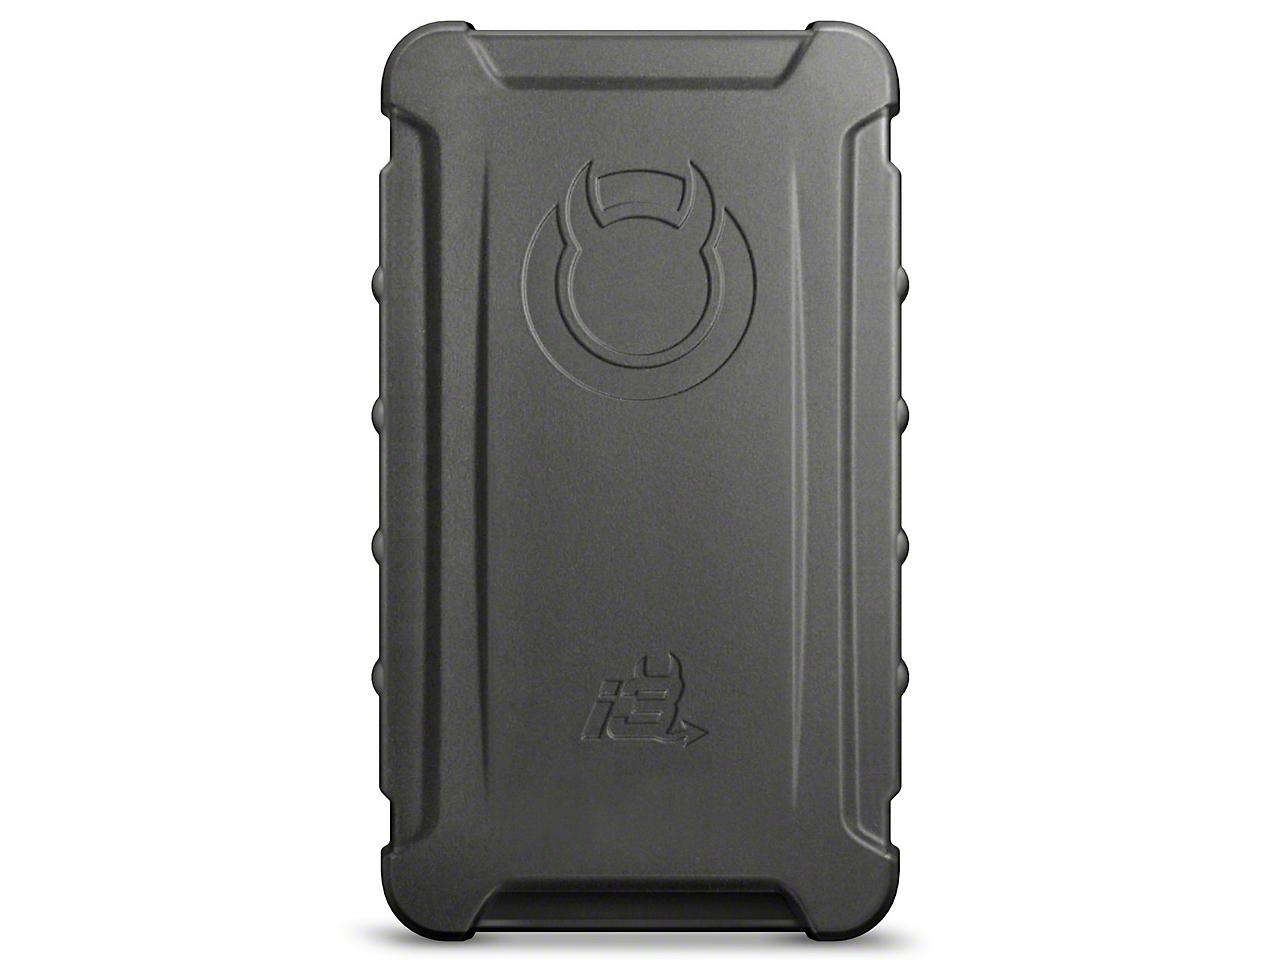 Diablosport inTune i3 Tuner (15-16 3.5L EcoBoost F-150)